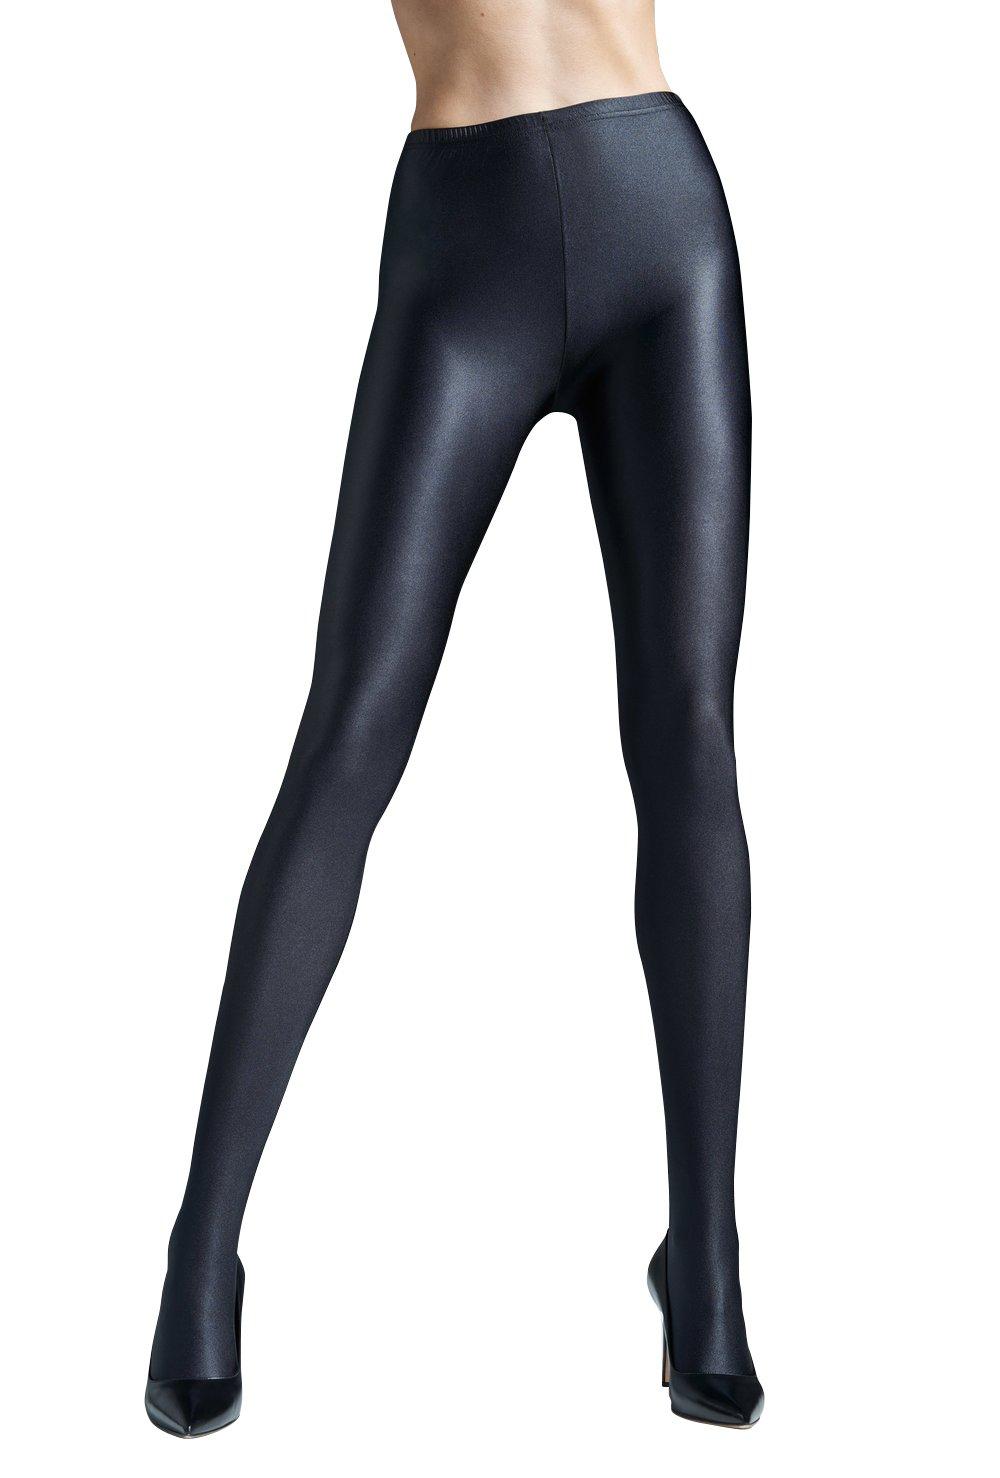 Womens Solid Black Tights   Gatta BLACK BRILLANT (Nero (Black), S by Gatta